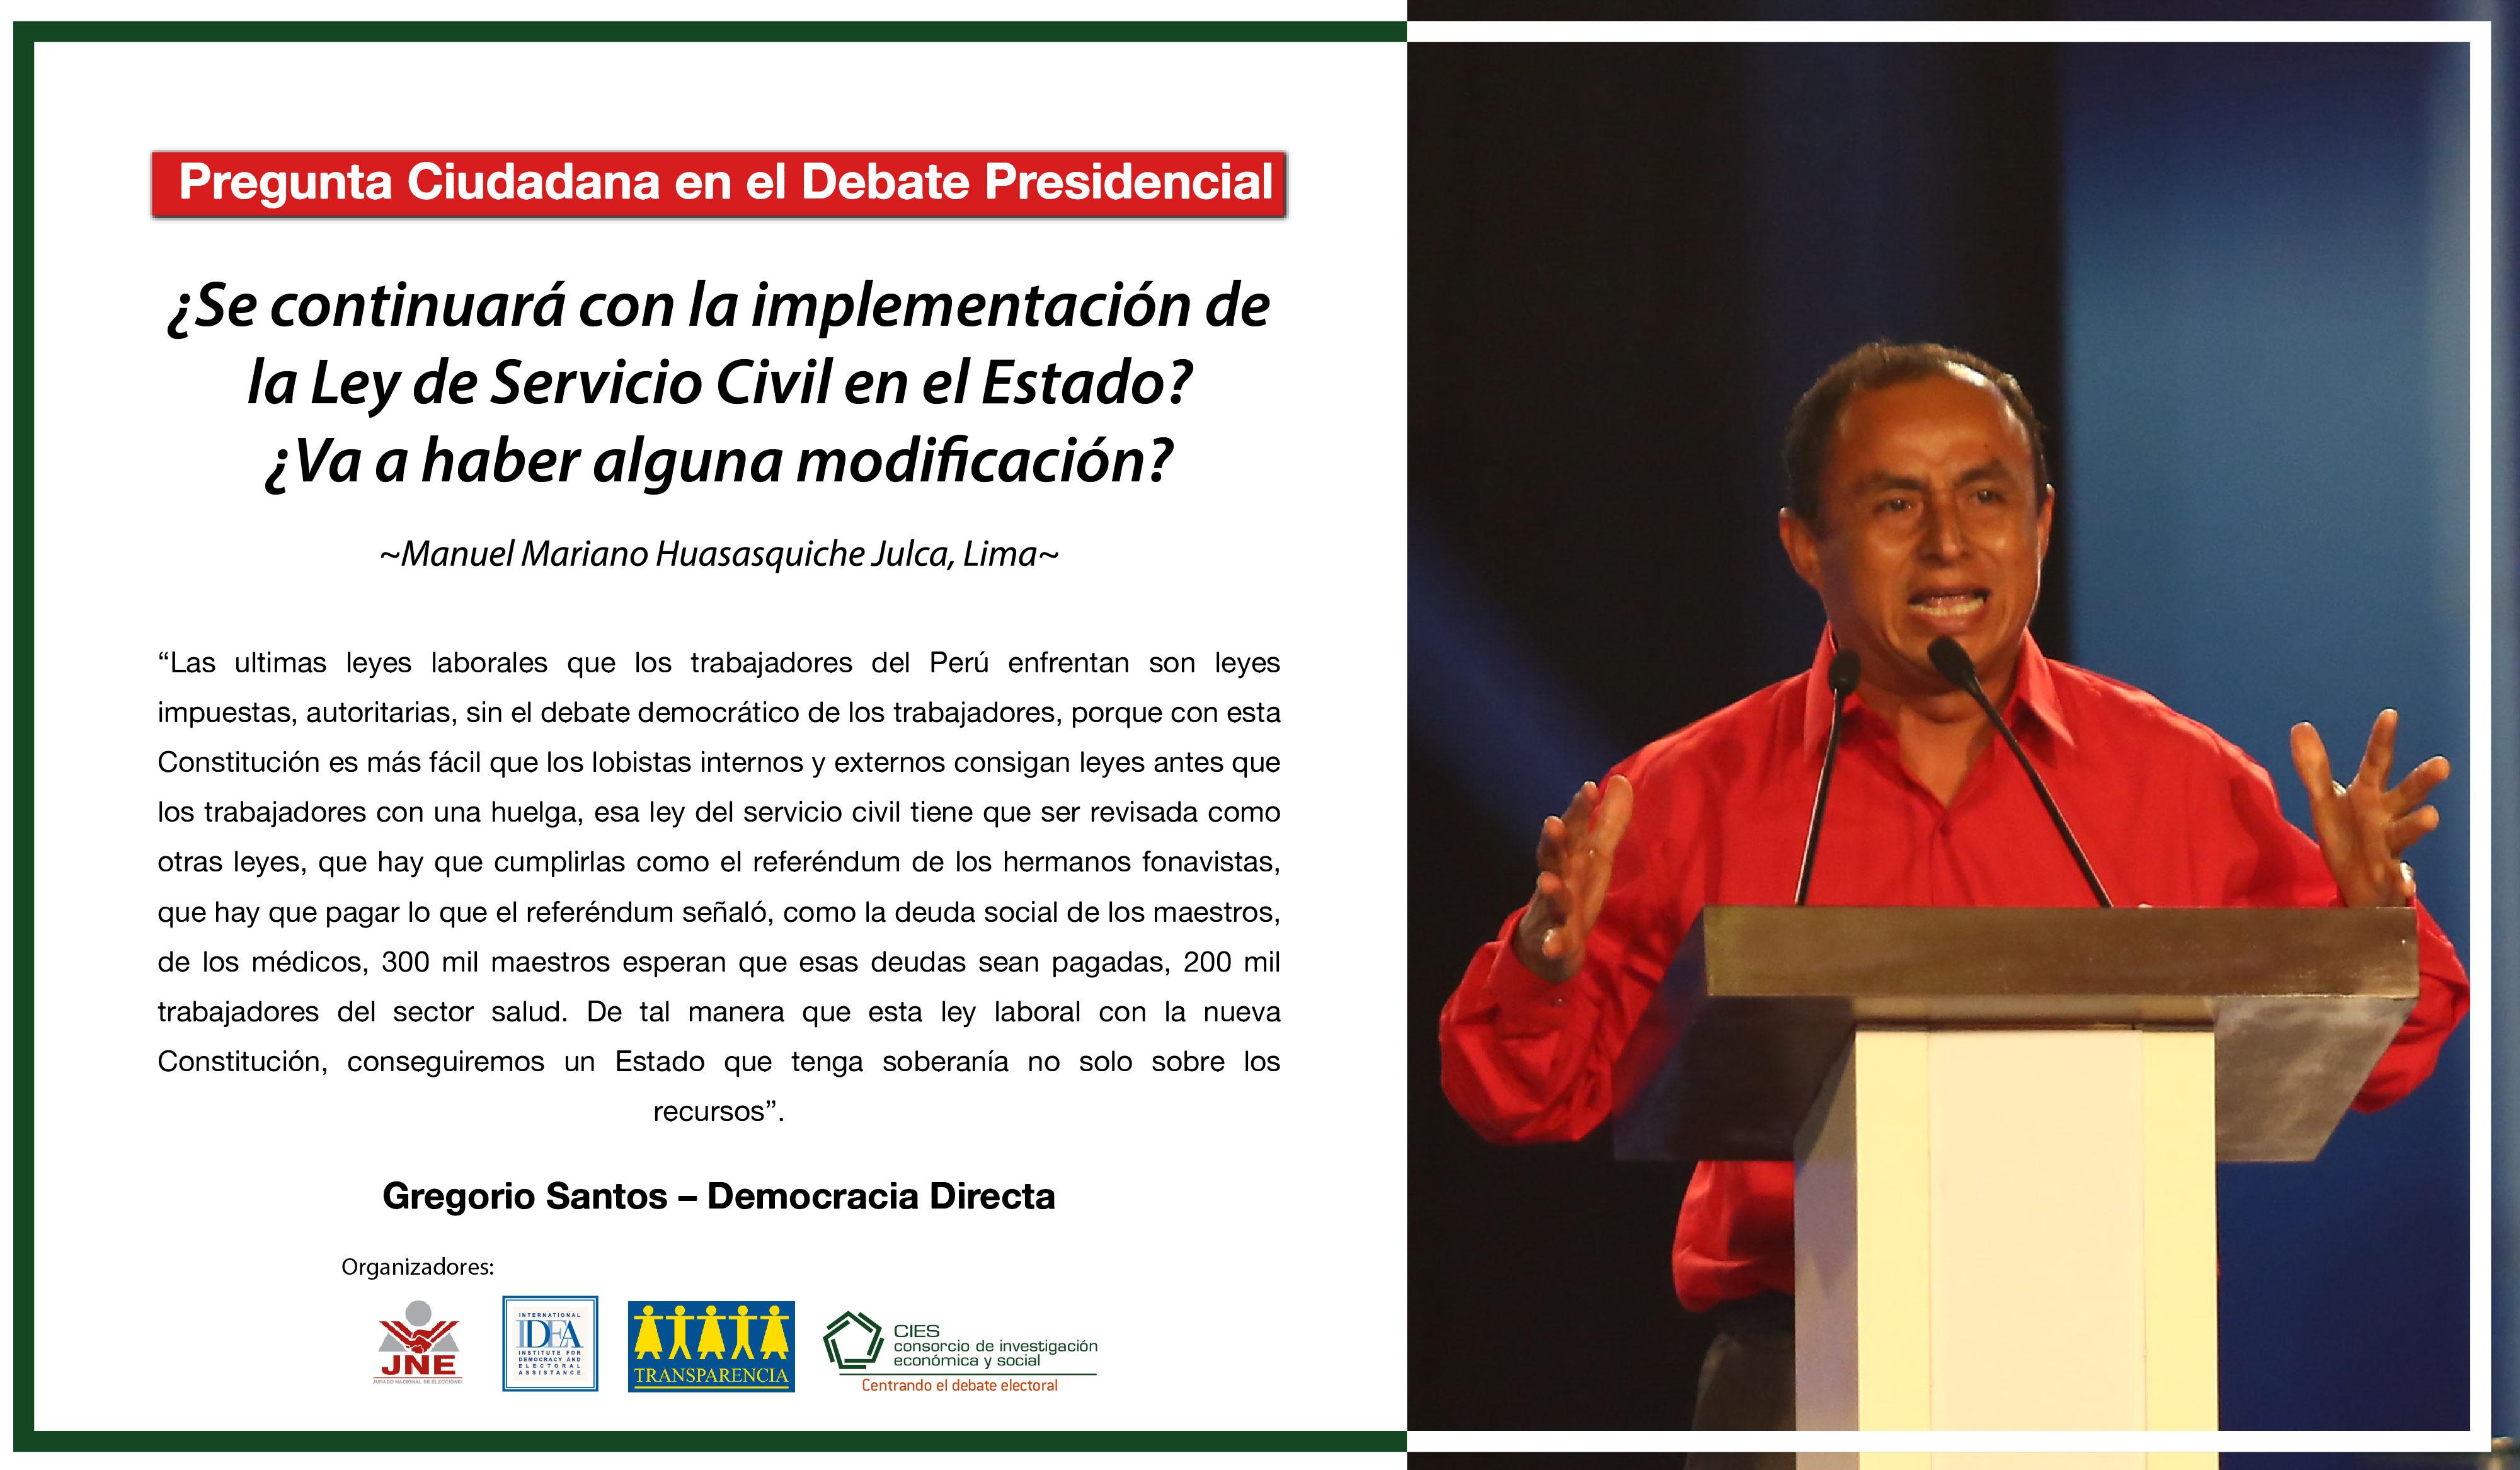 Respuestas a campaña #PreguntaleatuCandidato - Primera vuelta